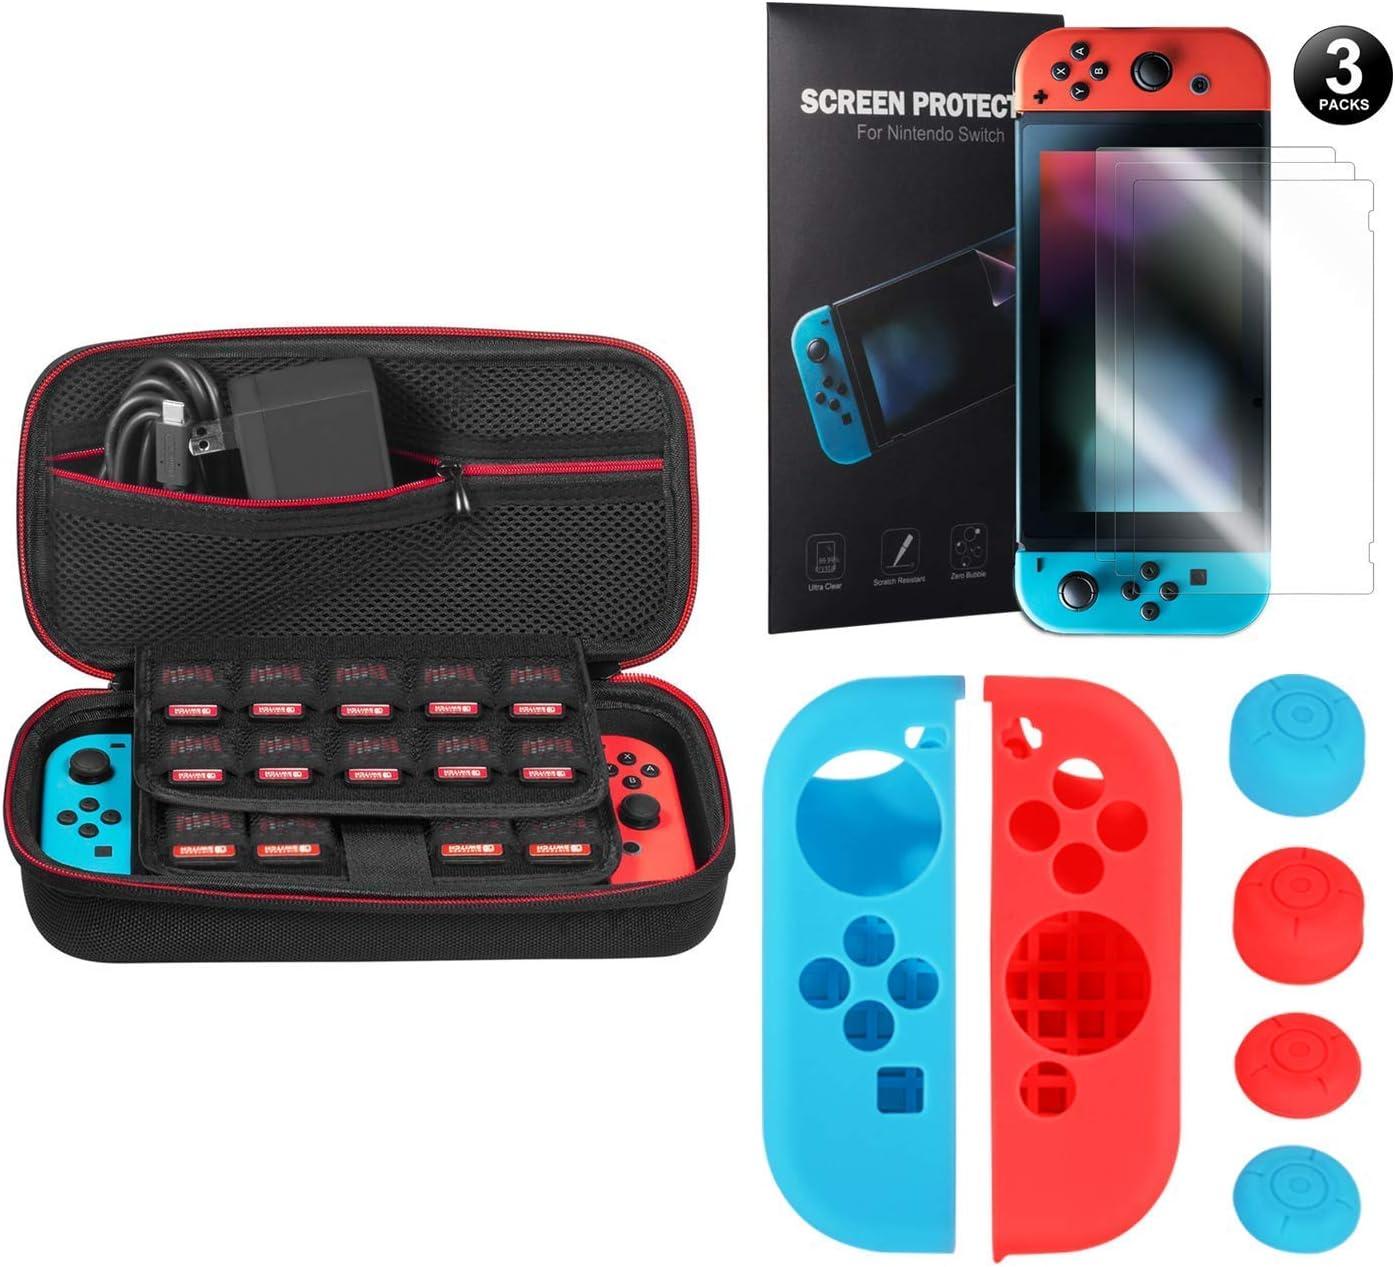 Younik kit de accesorios 5 en 1 para Nintendo Switch, incluye una funda de transporte para Nintendo Switch / Agarre para control Joy-con / Protector de pantalla HD (3 paquetes): Amazon.es: Videojuegos